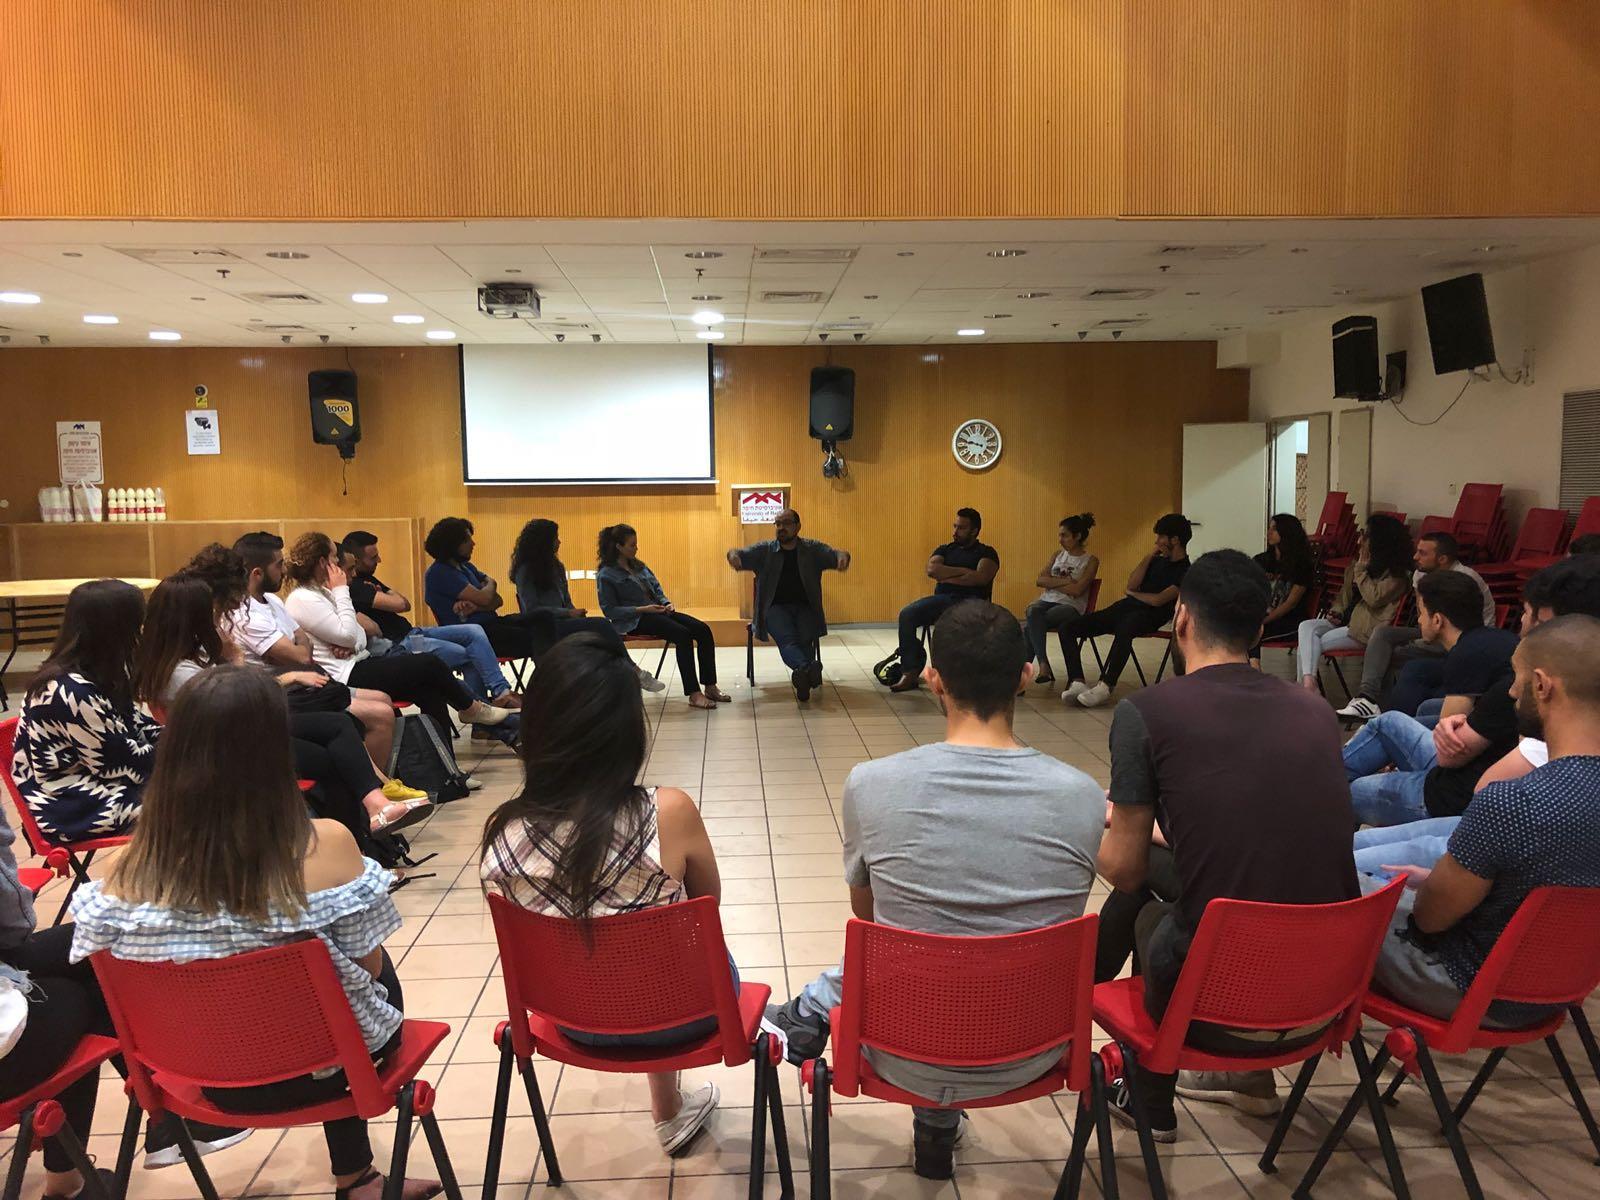 التجمع الطلابي بجامعة حيفا يُنظم إفطارا رمضانيا وفعاليات ثقافية